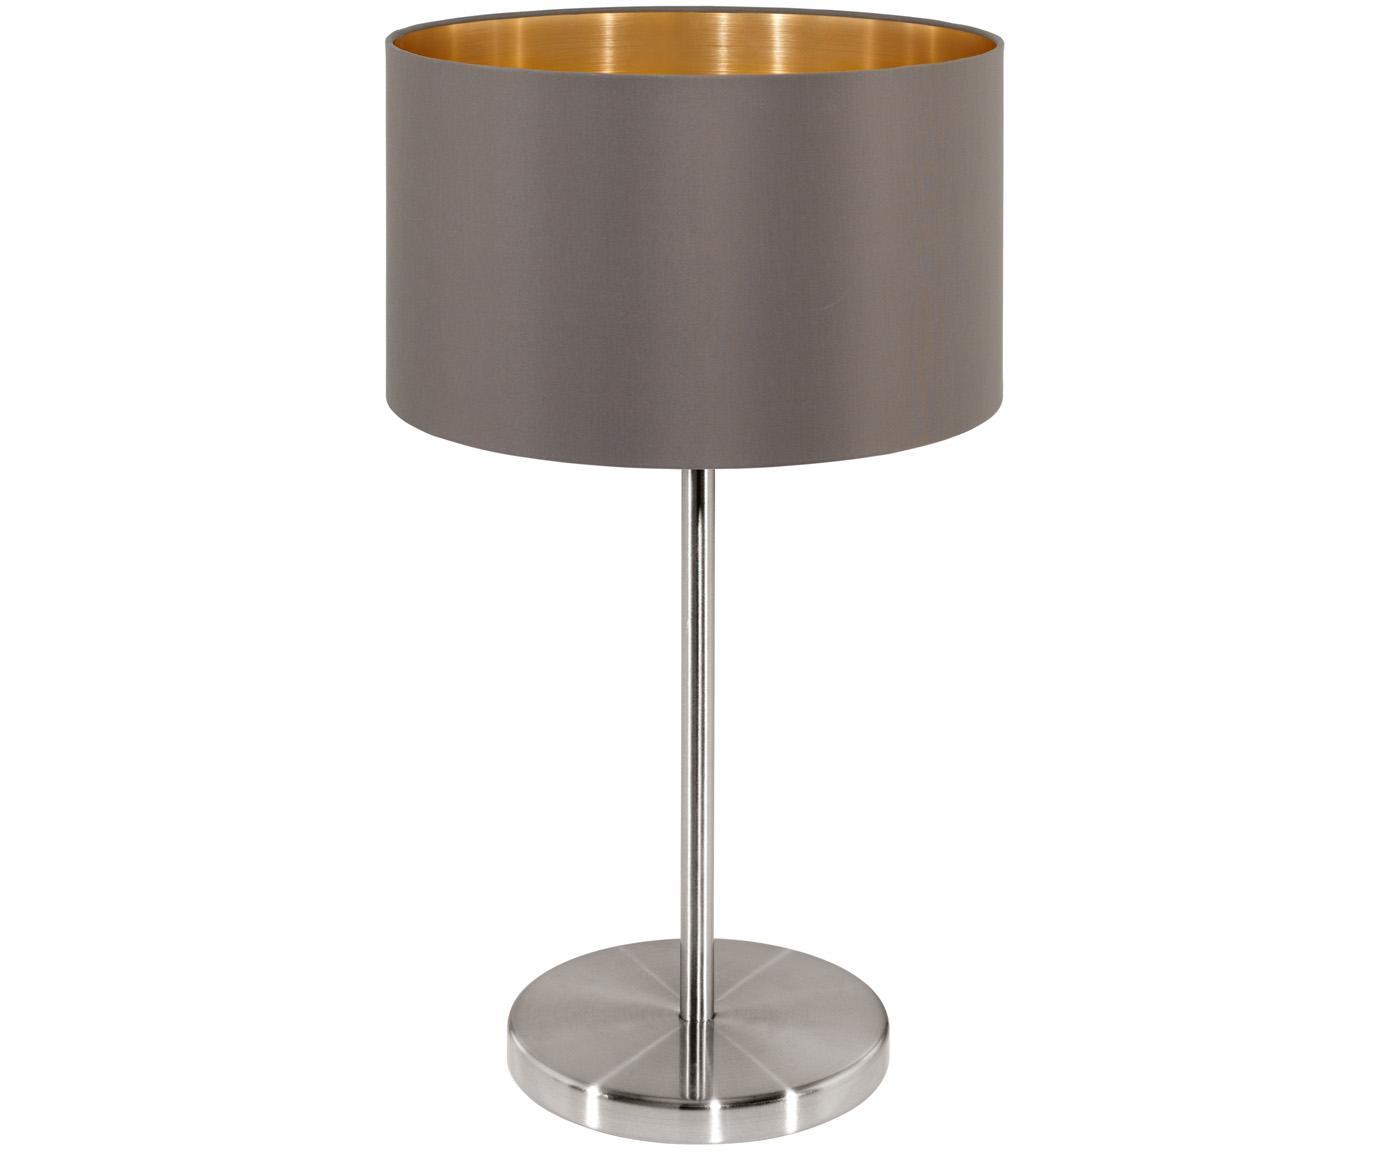 Tischleuchte Jamie mit Gold, Lampenfuß: Metall, vernickelt, Grau-Beige,Silberfarben, ∅ 23 x H 42 cm